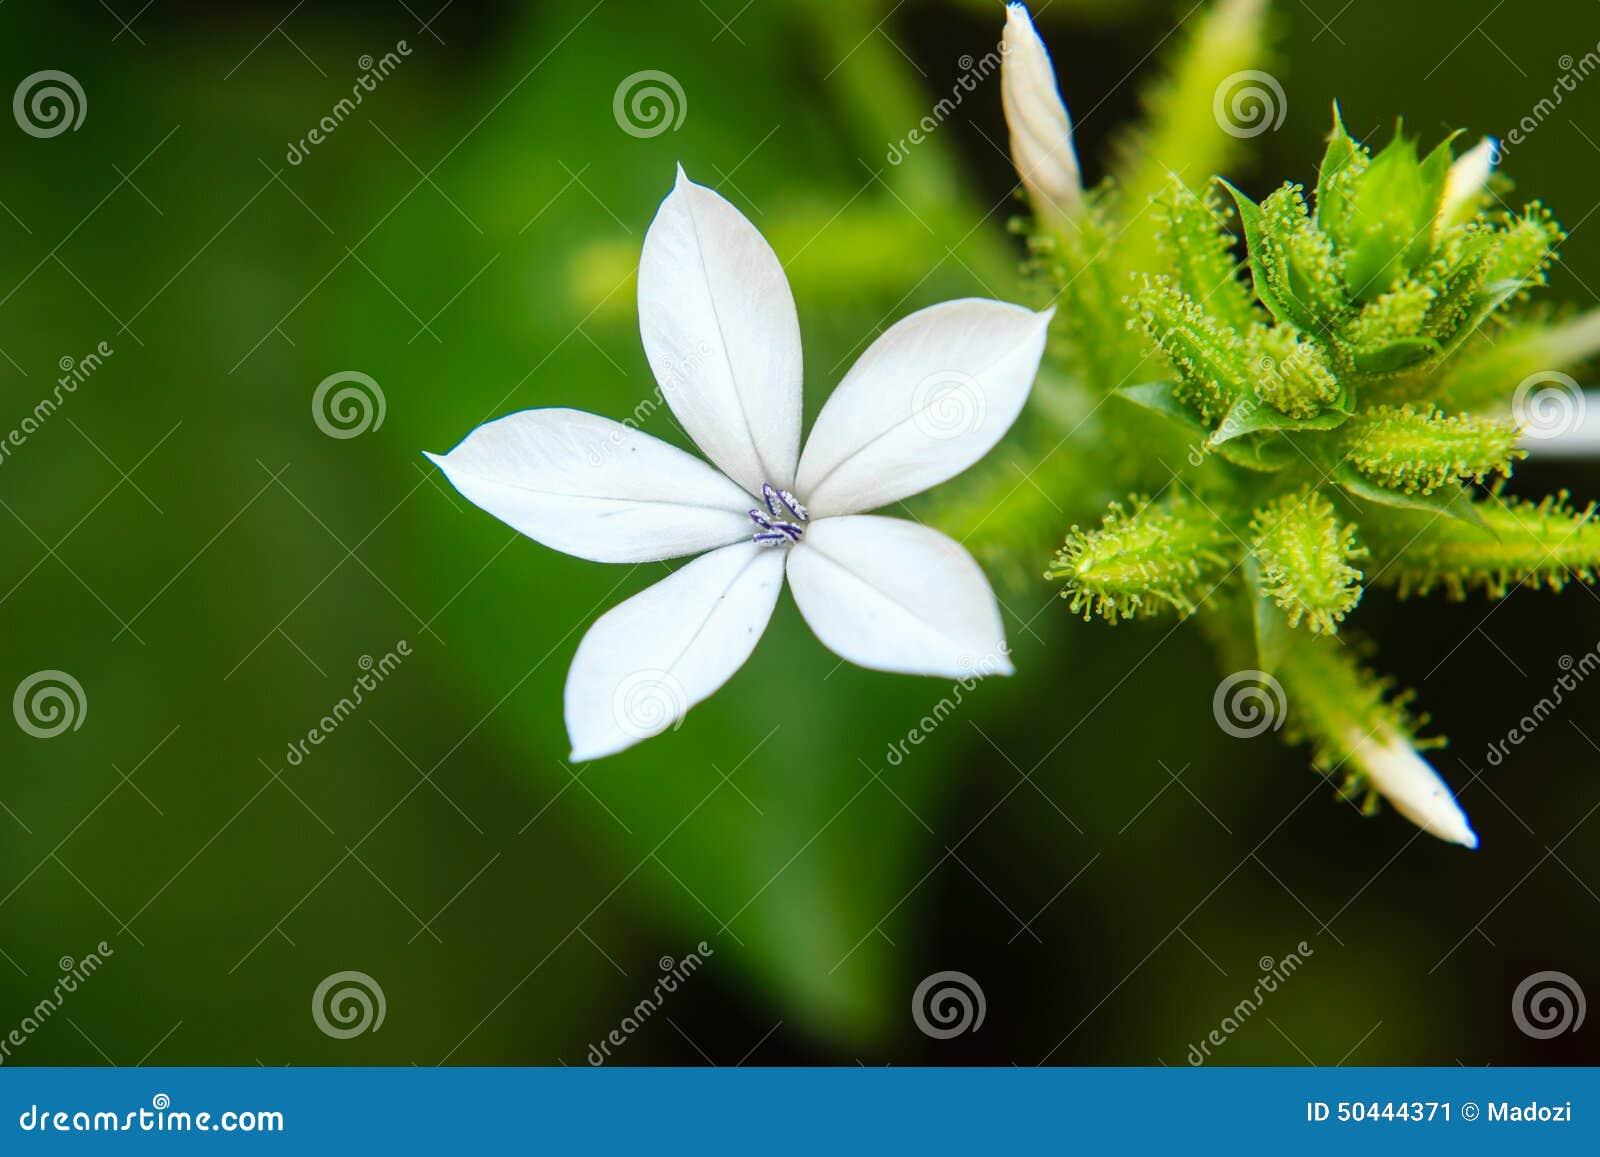 Piccoli fiori bianchi immagine stock immagine di verde for Fiori piccoli bianchi